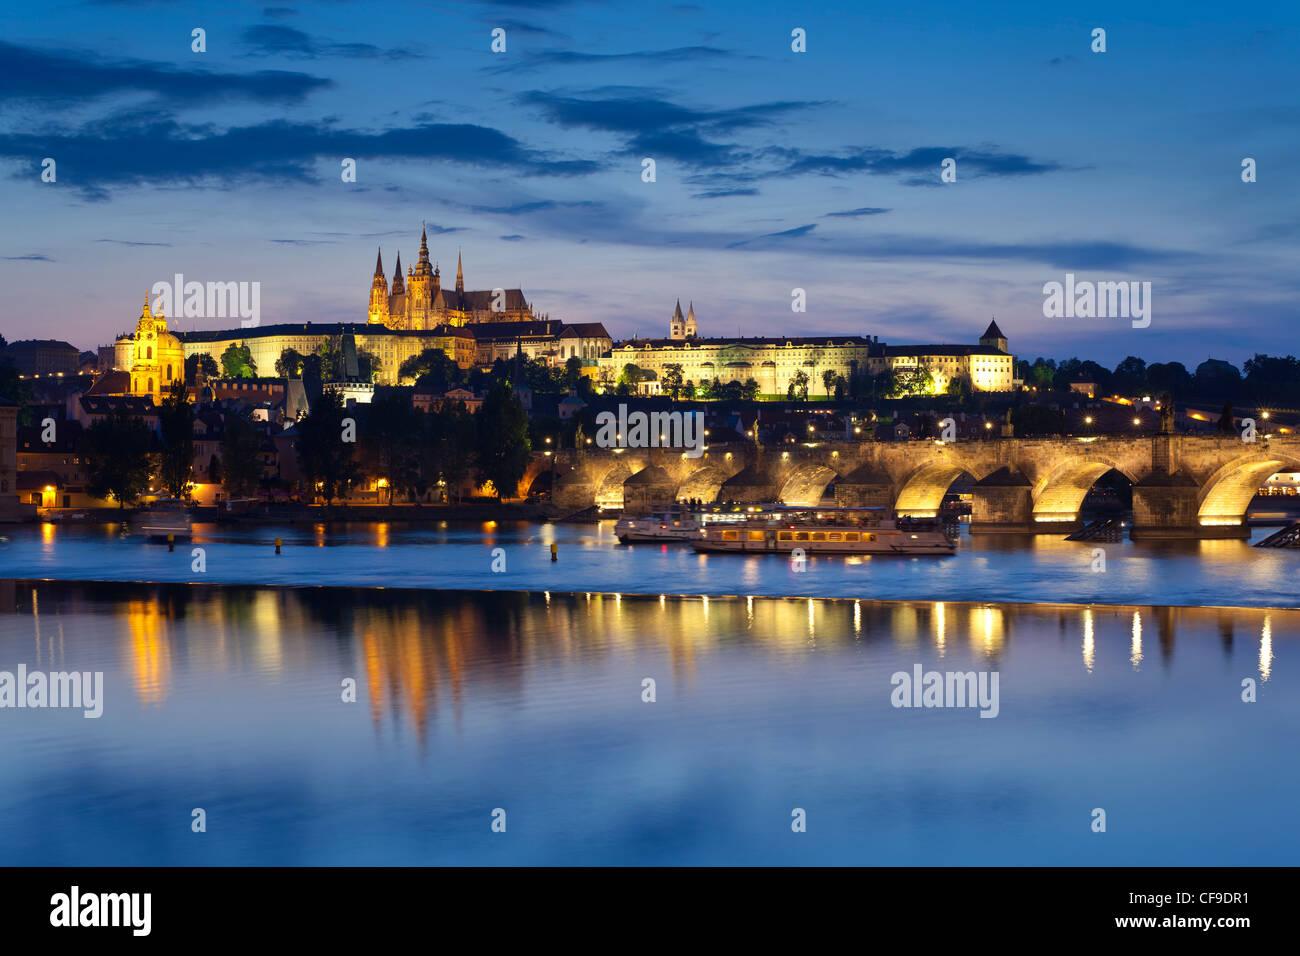 La Cathédrale Saint-Guy, et la rivière Vltava au crépuscule, Prague, République Tchèque Photo Stock